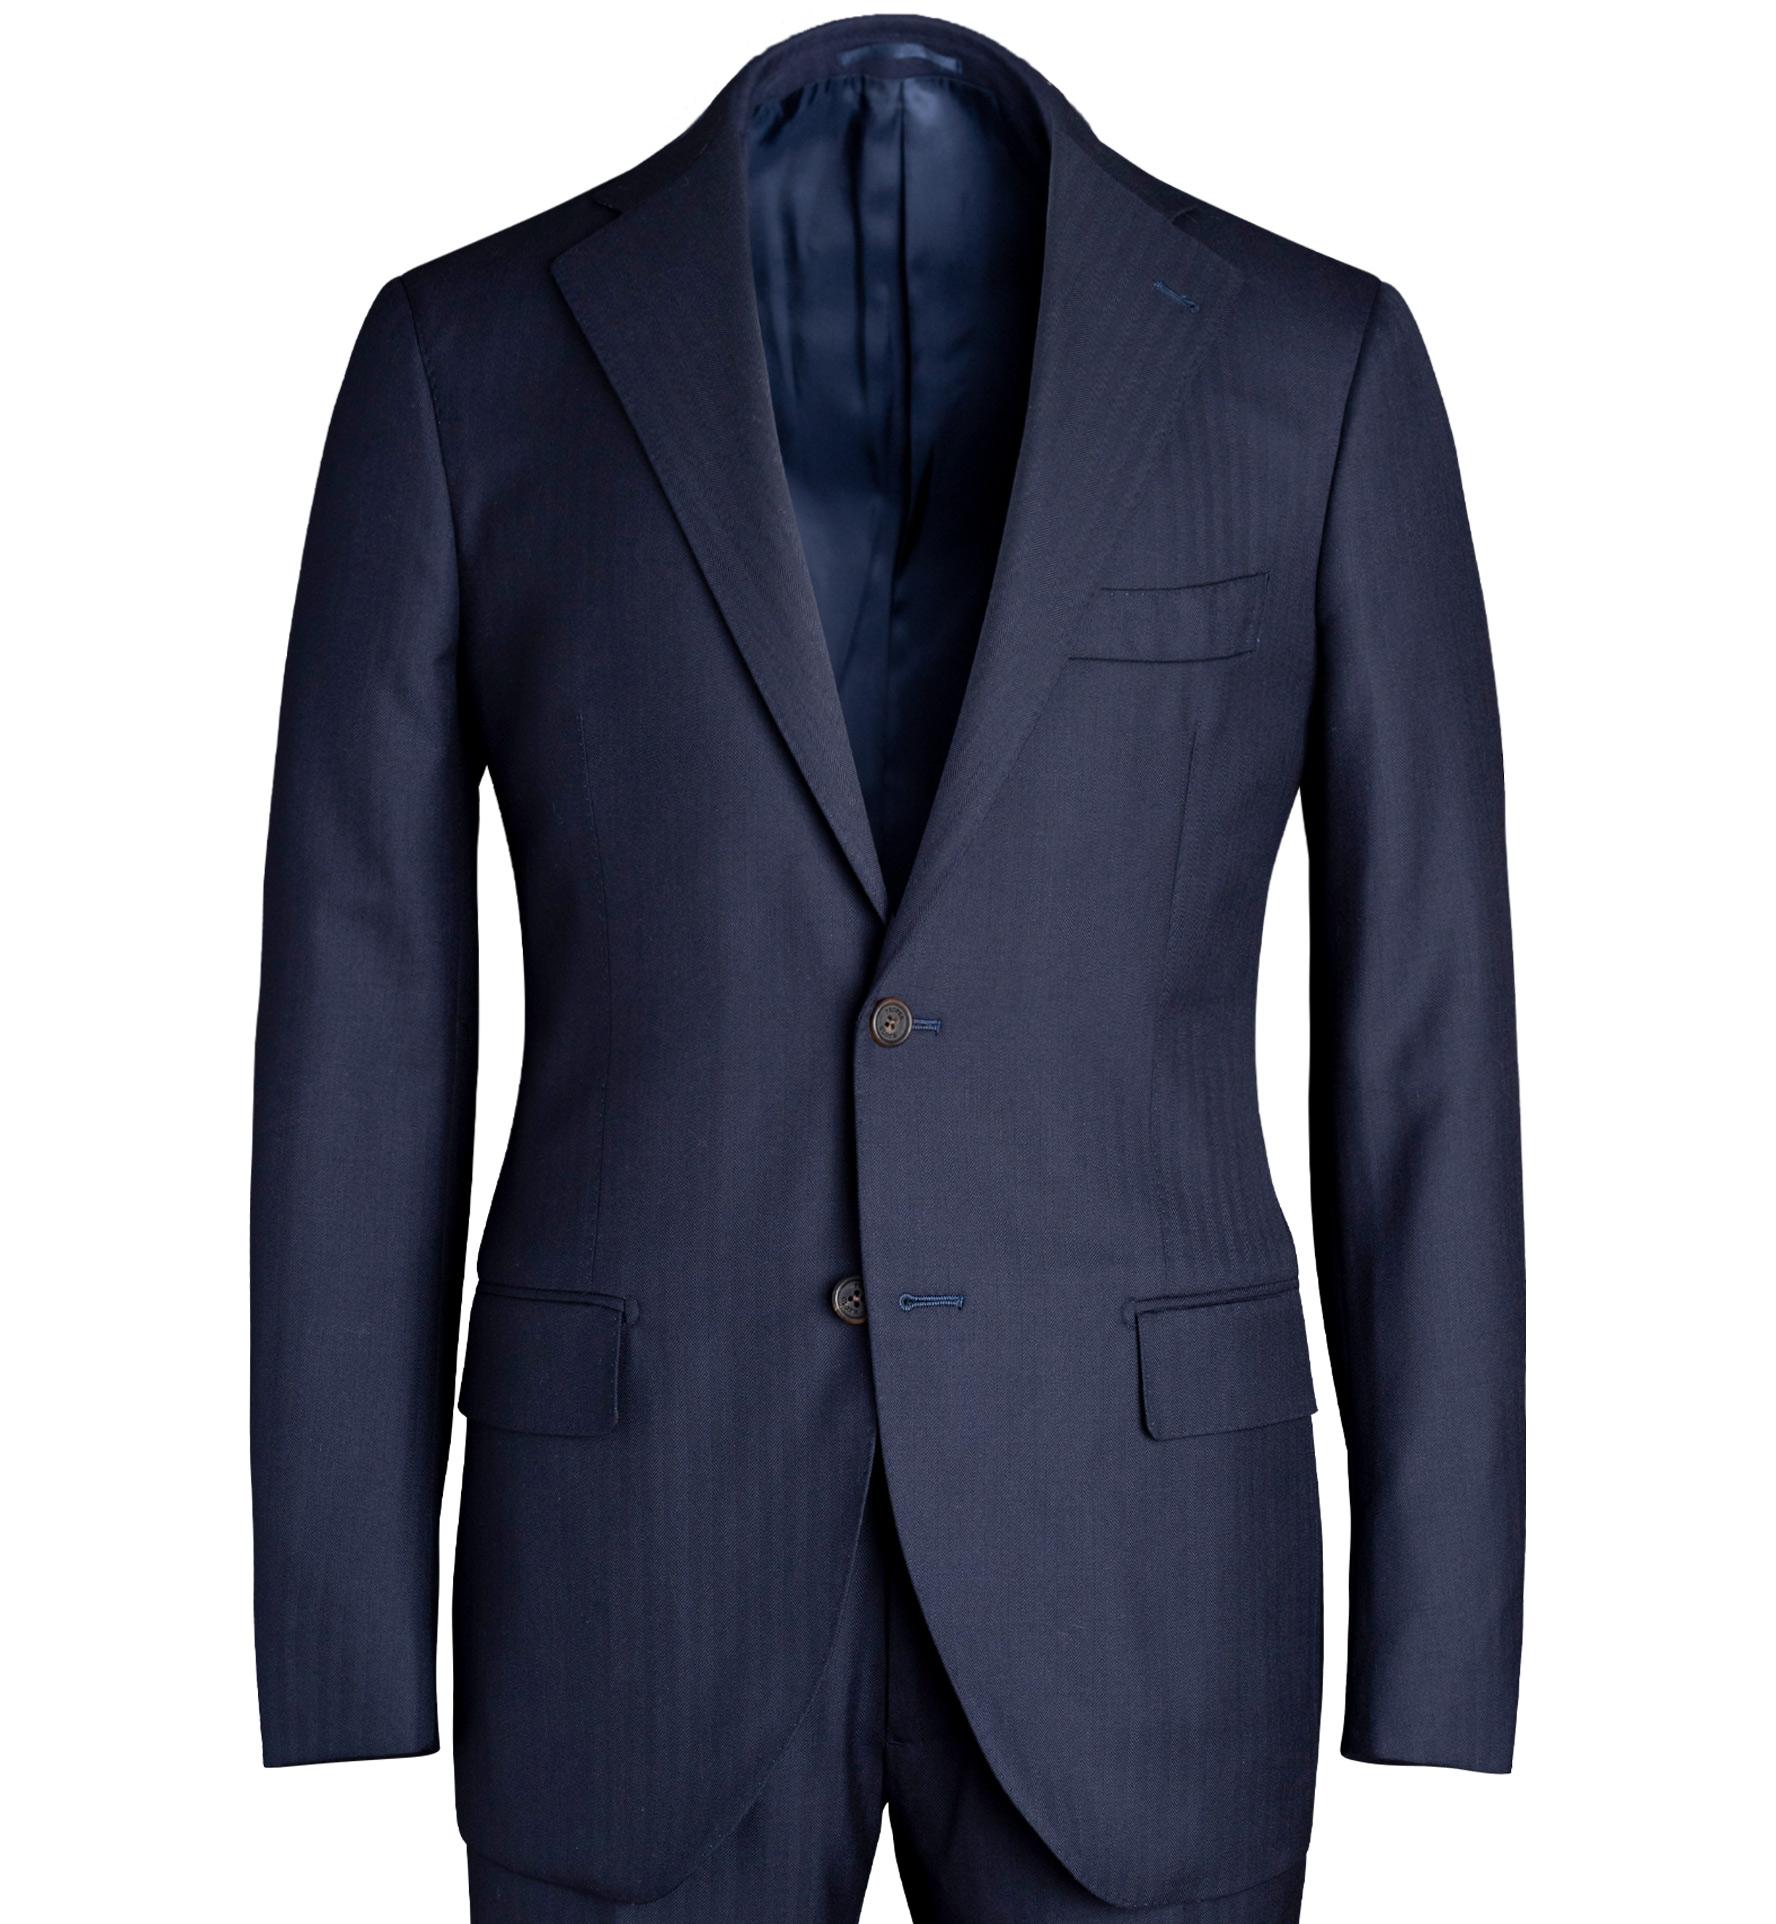 Zoom Image of Allen Navy S130s Herringbone Suit Jacket